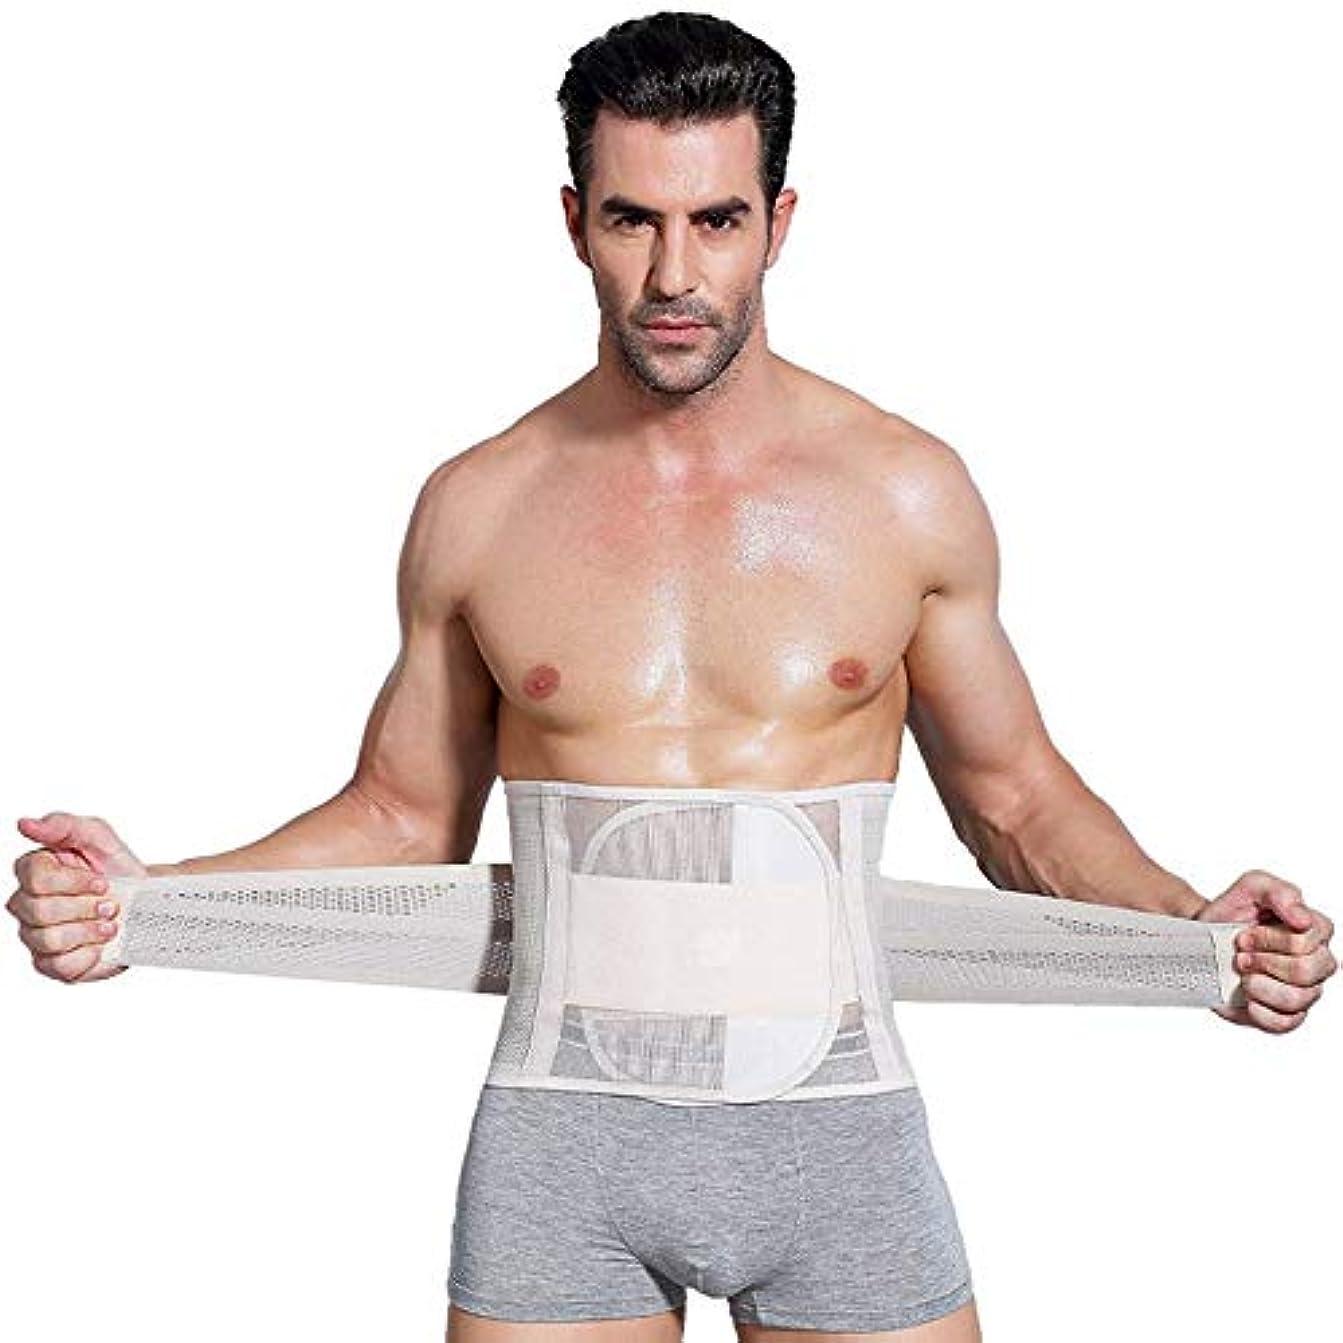 全部トレーニング不健全男性ボディシェイパーコルセット腹部おなかコントロールウエストトレーナーニッパー脂肪燃焼ガードル痩身腹ベルト用男性